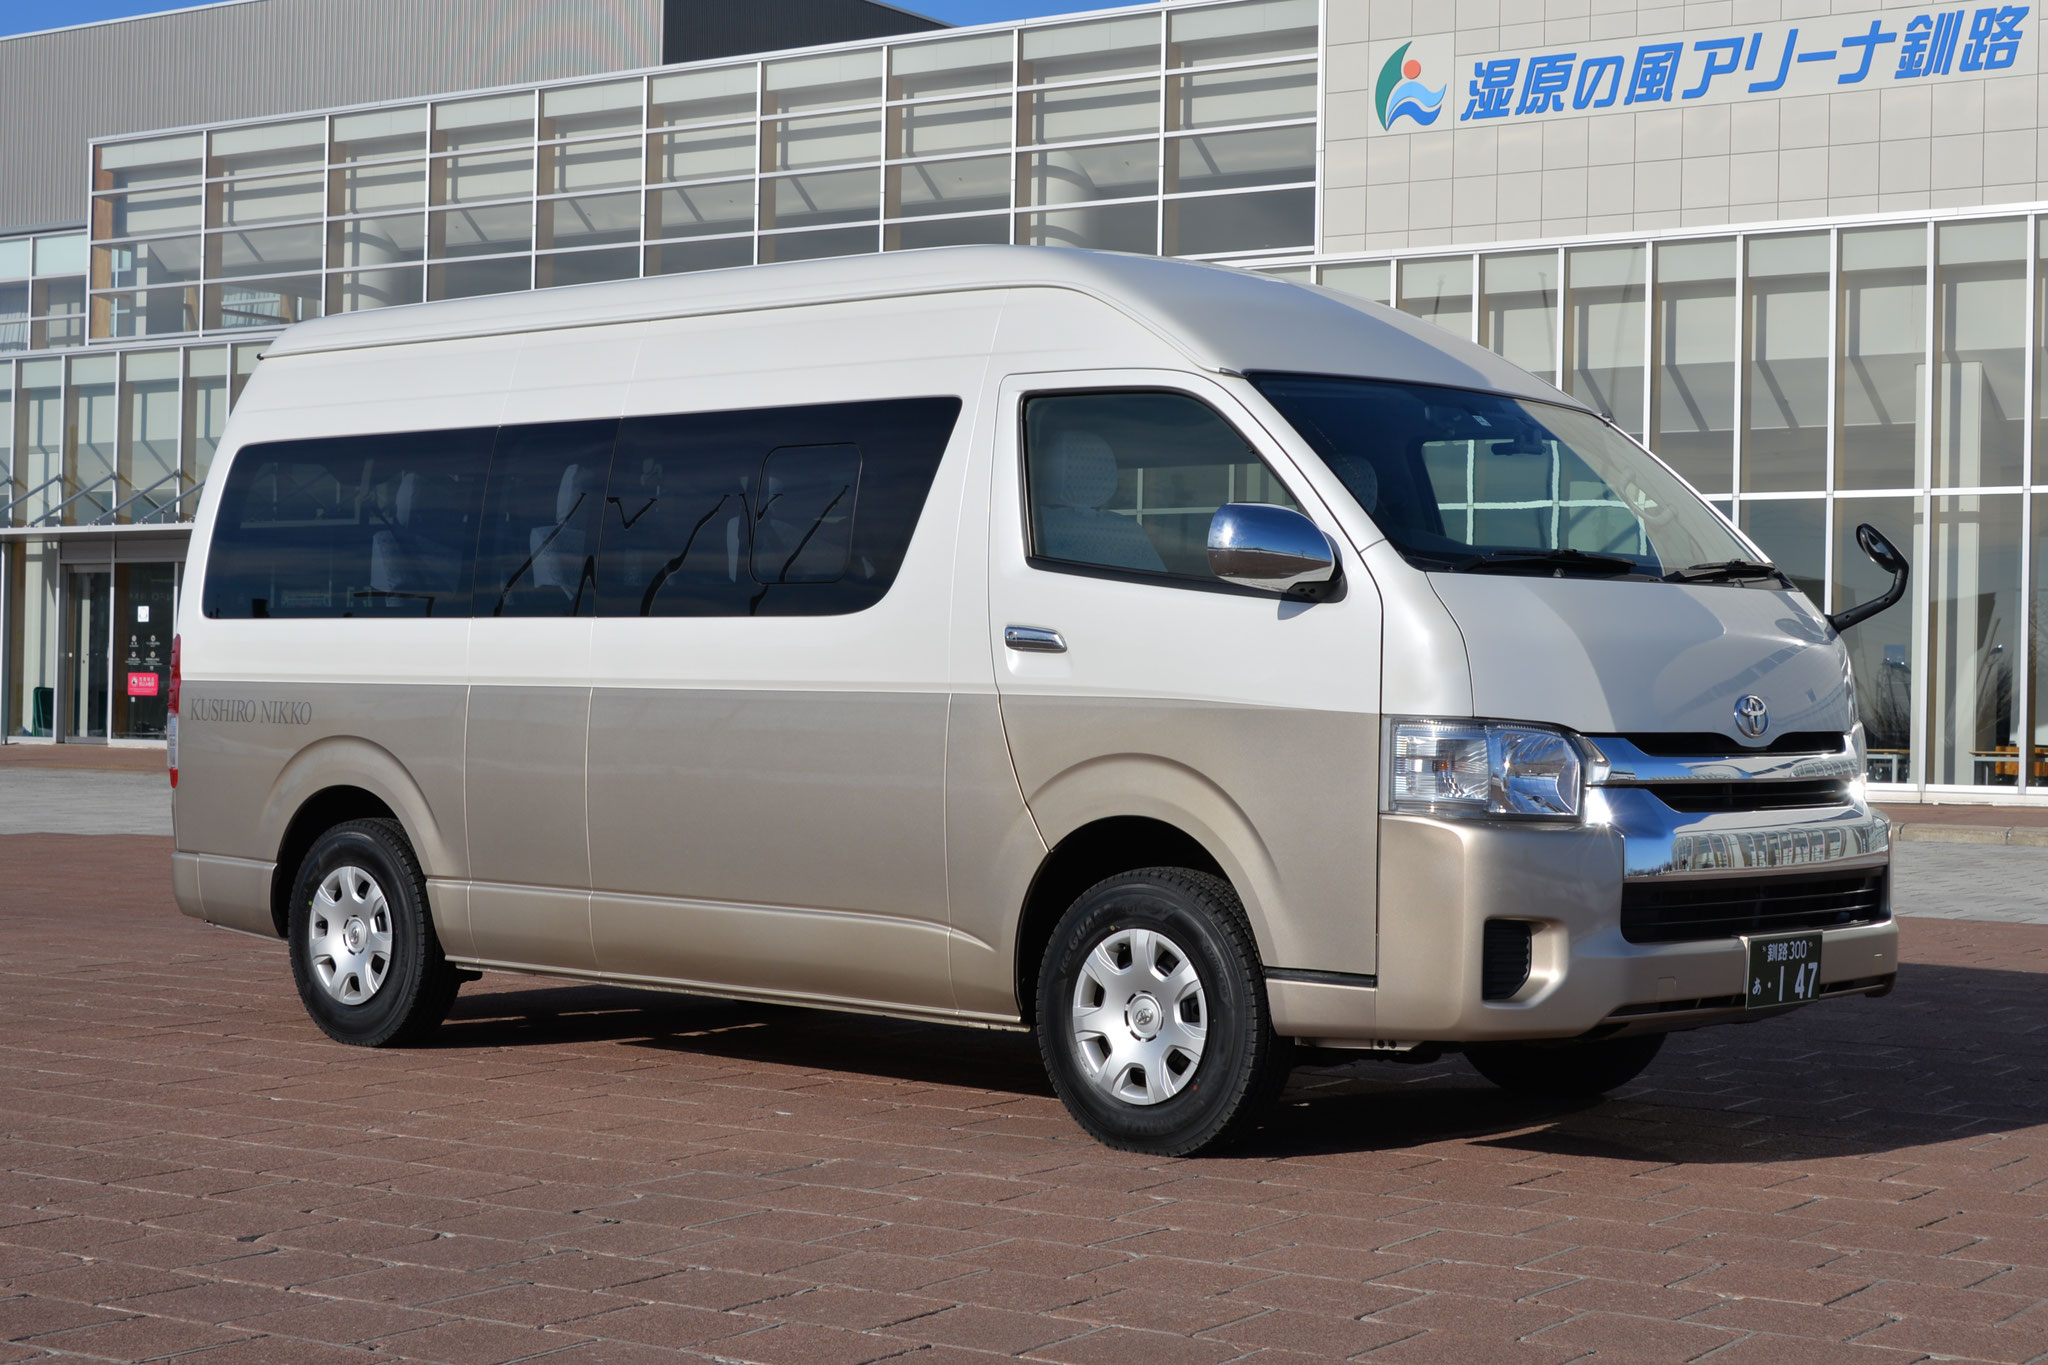 ジャンボタクシー トヨタ ハイエース(お客様9名まで)